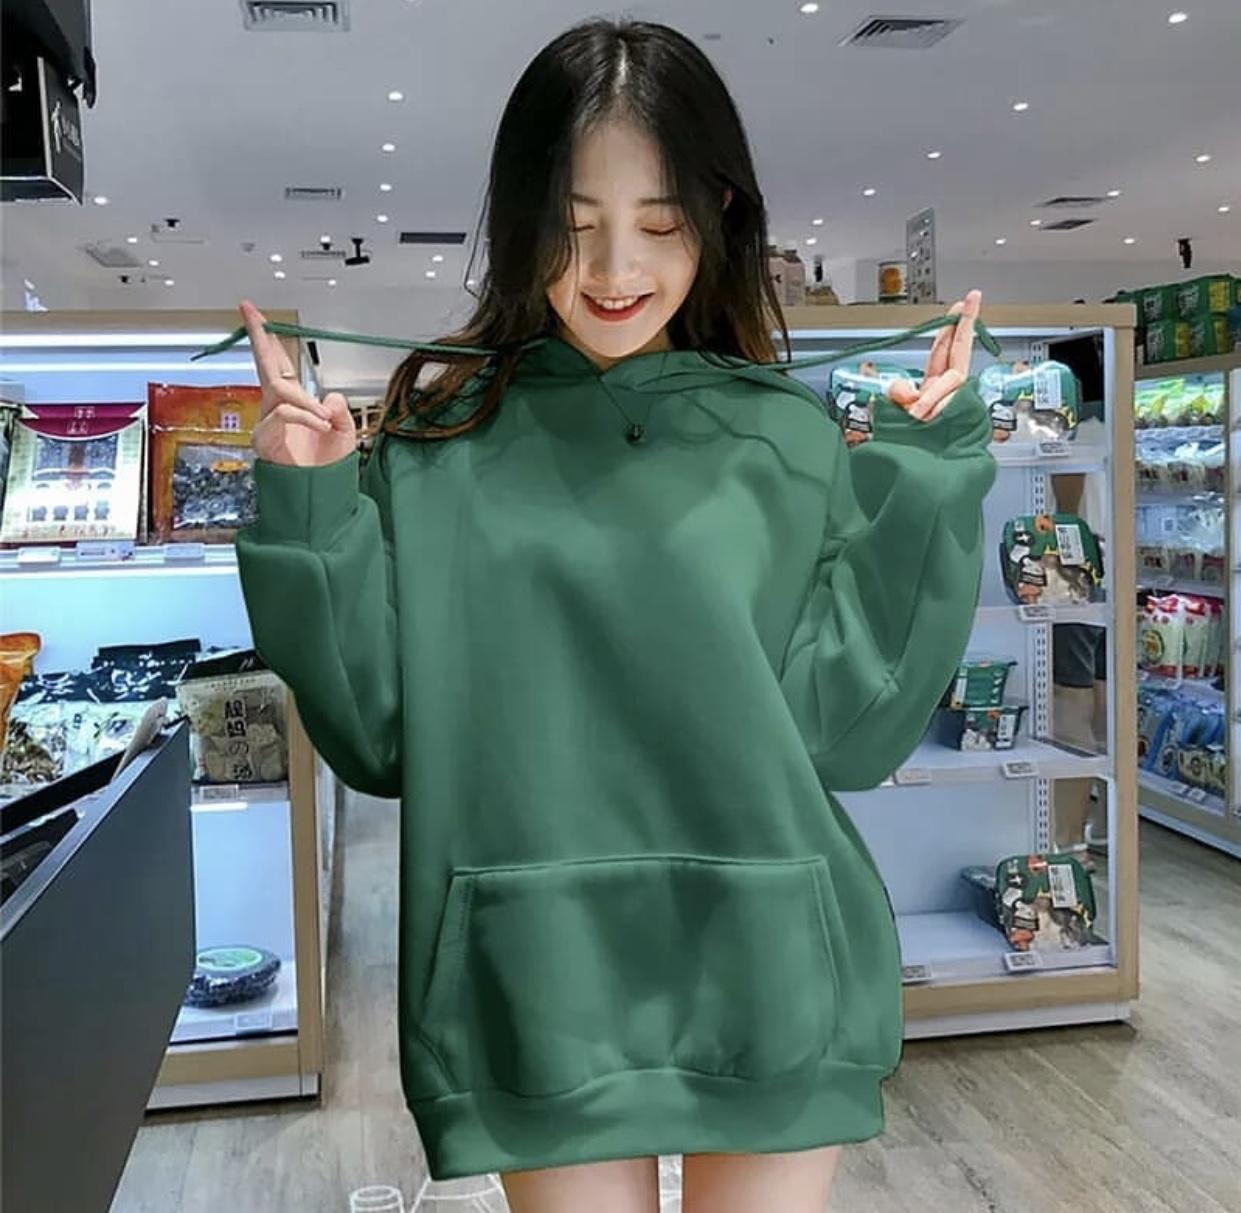 pelangi sweater – jaket crop – medium sweater – sweater wanita – swater korea – fashion korea – sweater long sleeve – lengan panjang – blouse – jaket wanita – jaket polos – jaket  – jaket terlaris – sweater terlaris – sweater 2020